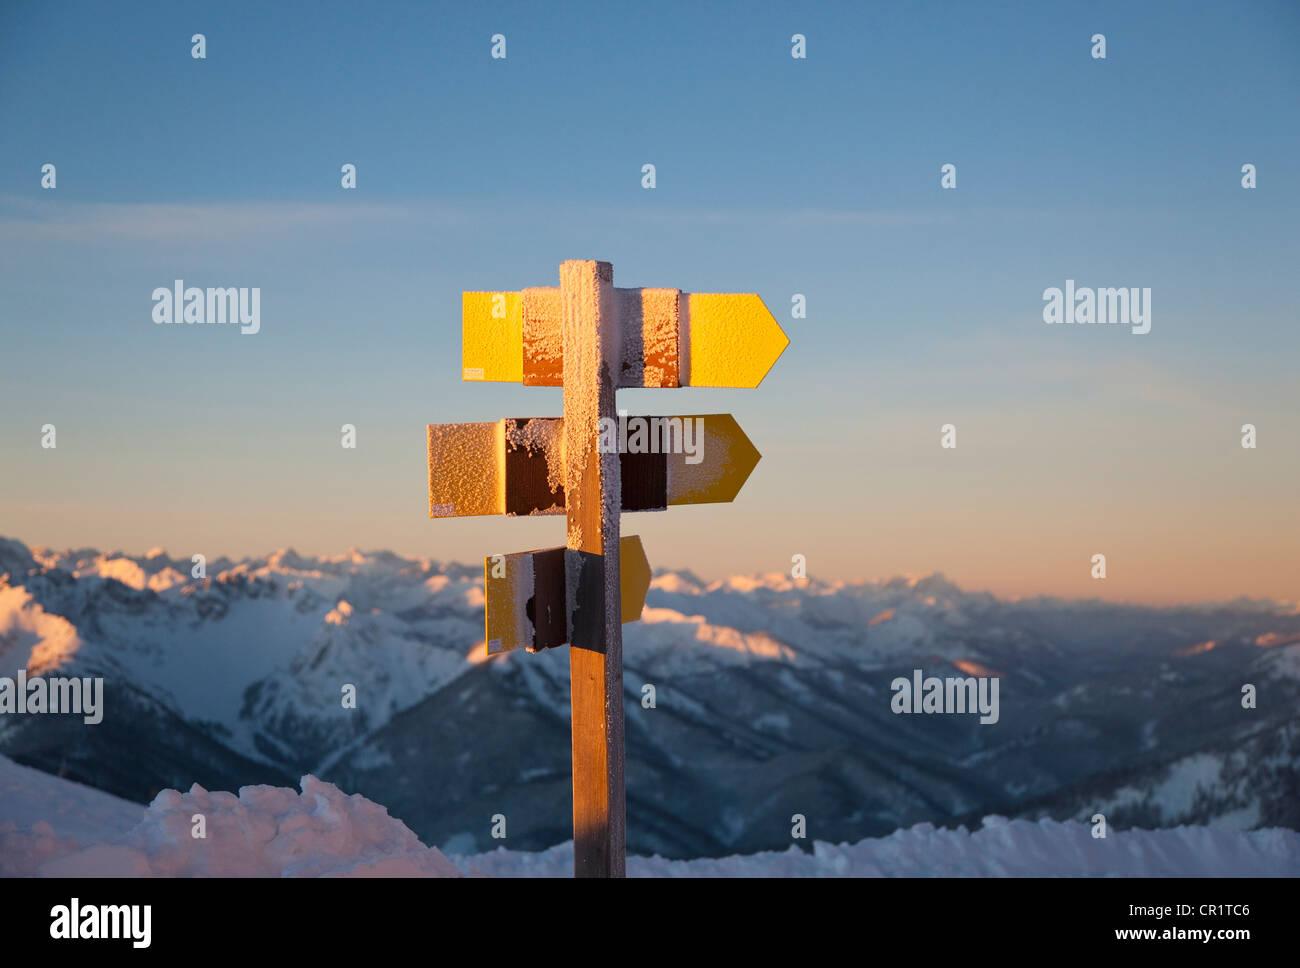 Cerca de rural señales en la nieve Imagen De Stock